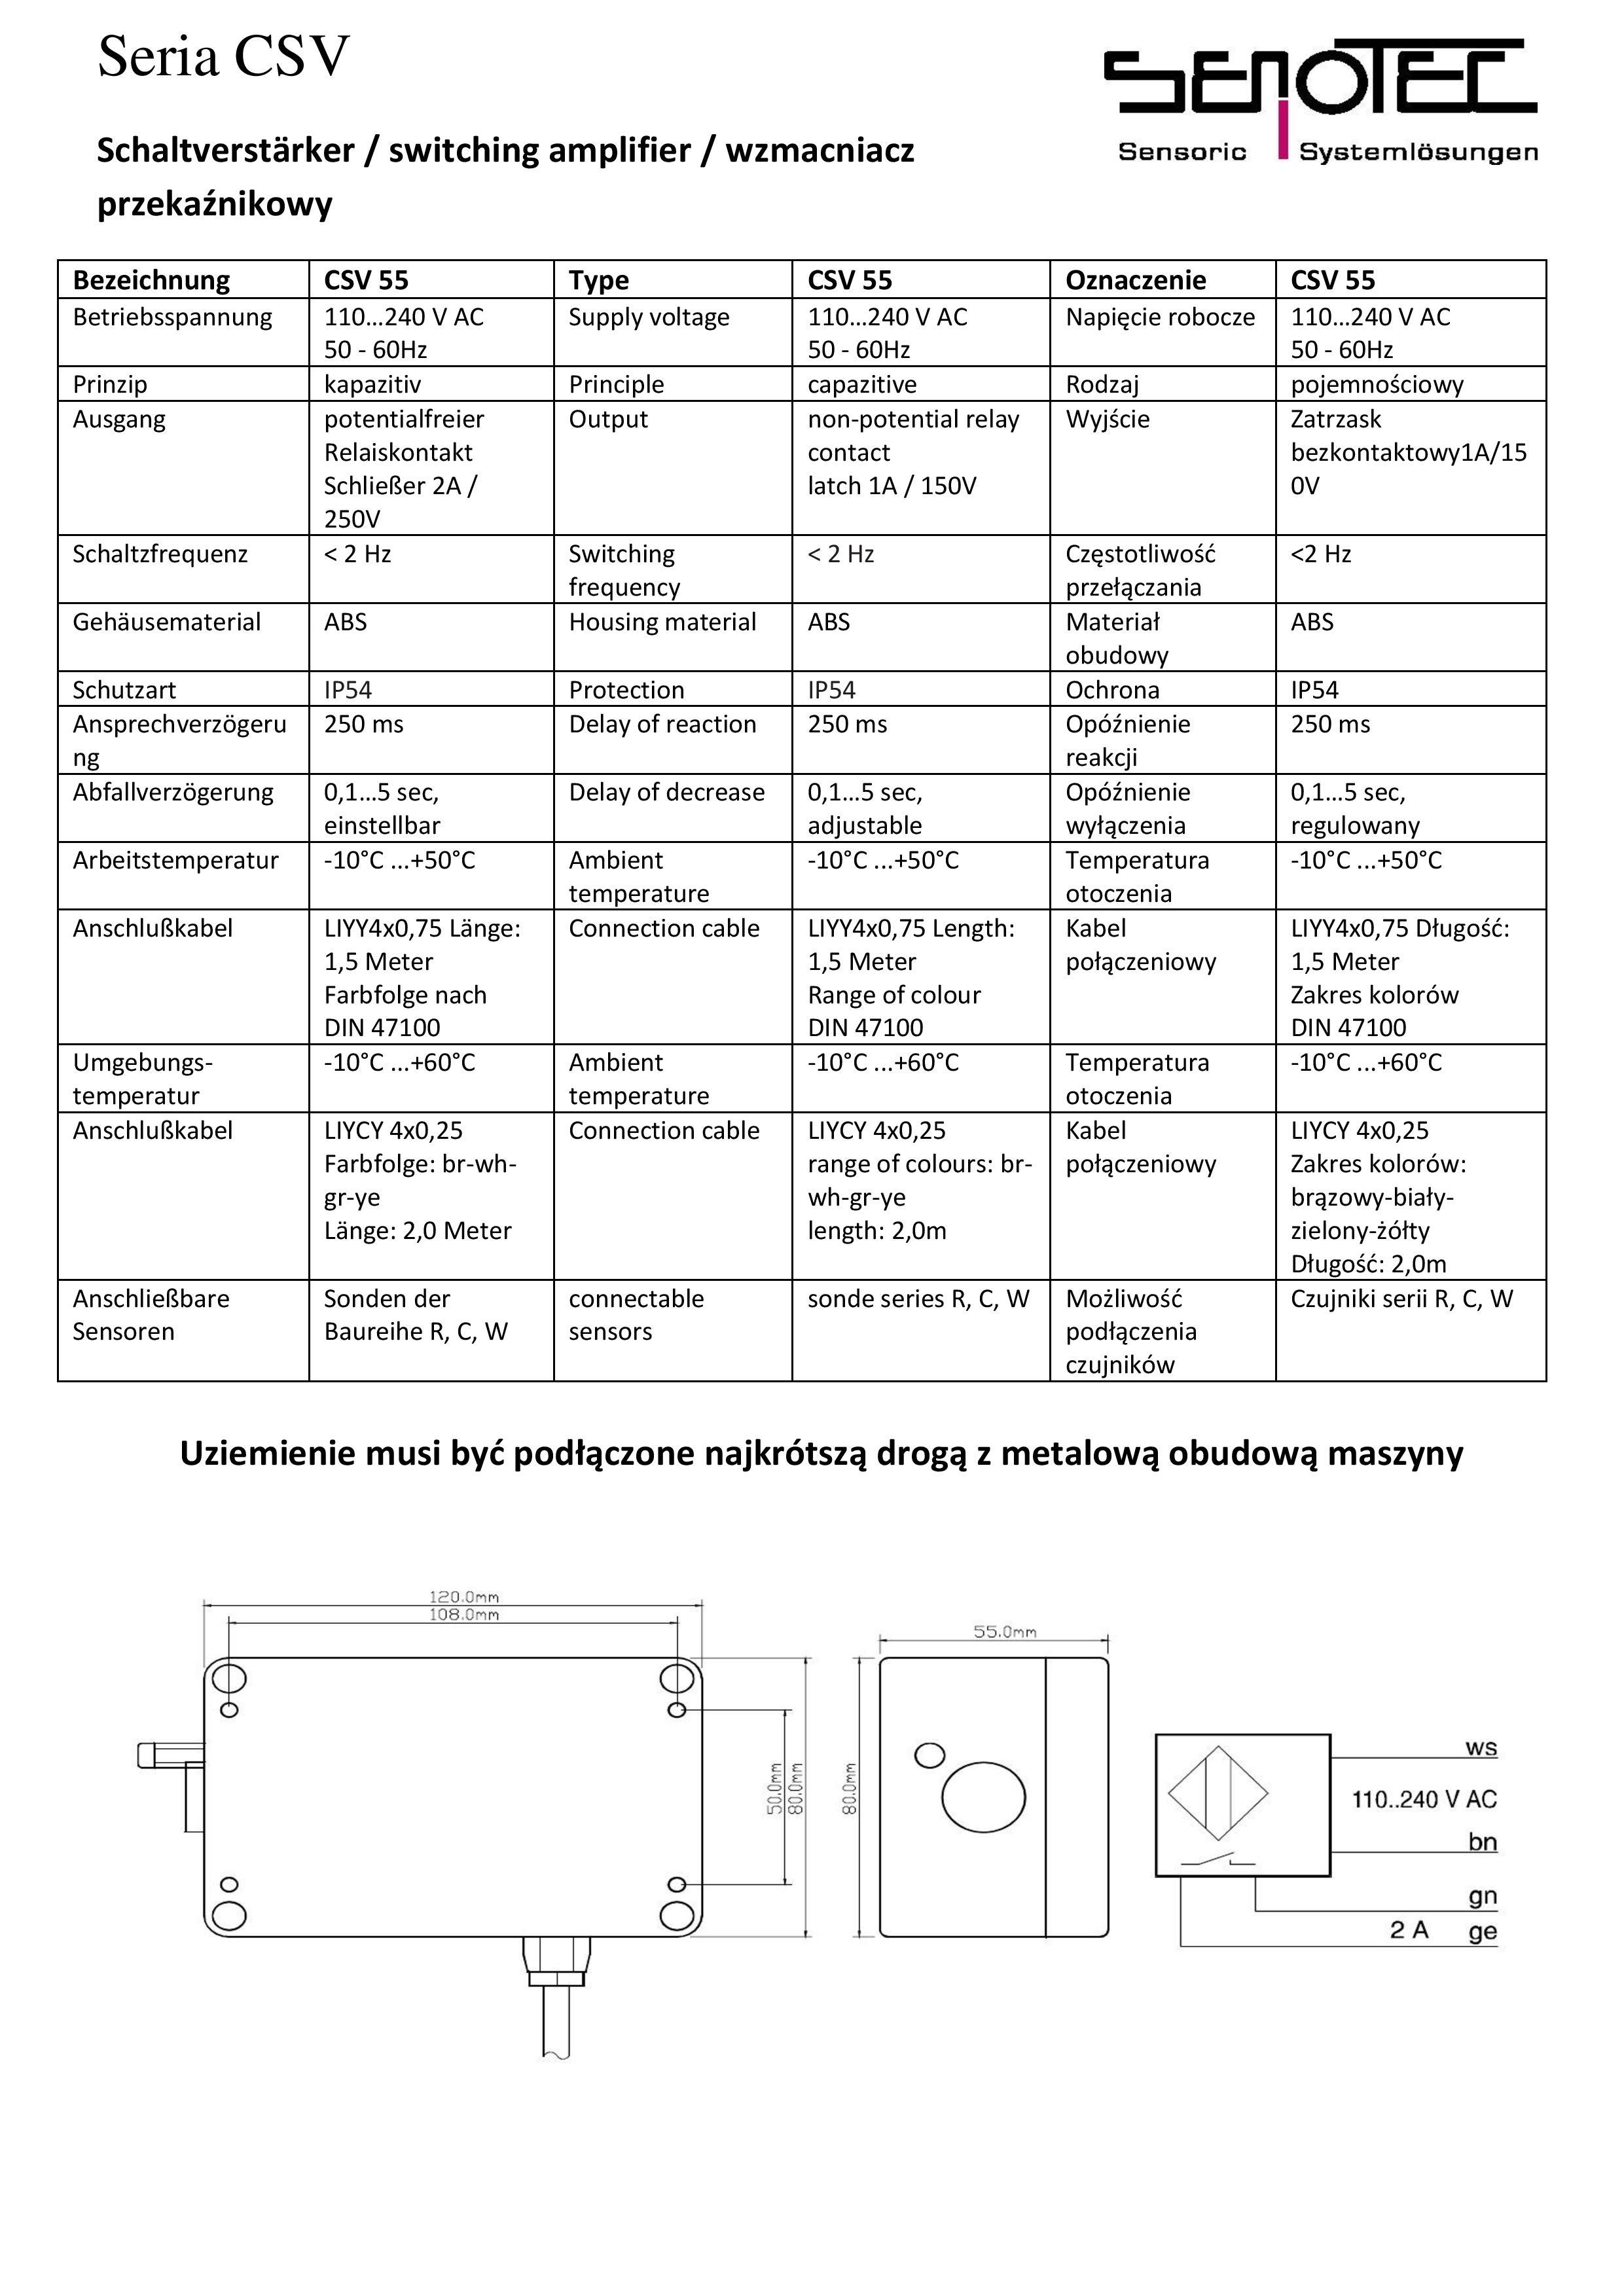 Seria CSV-page-001